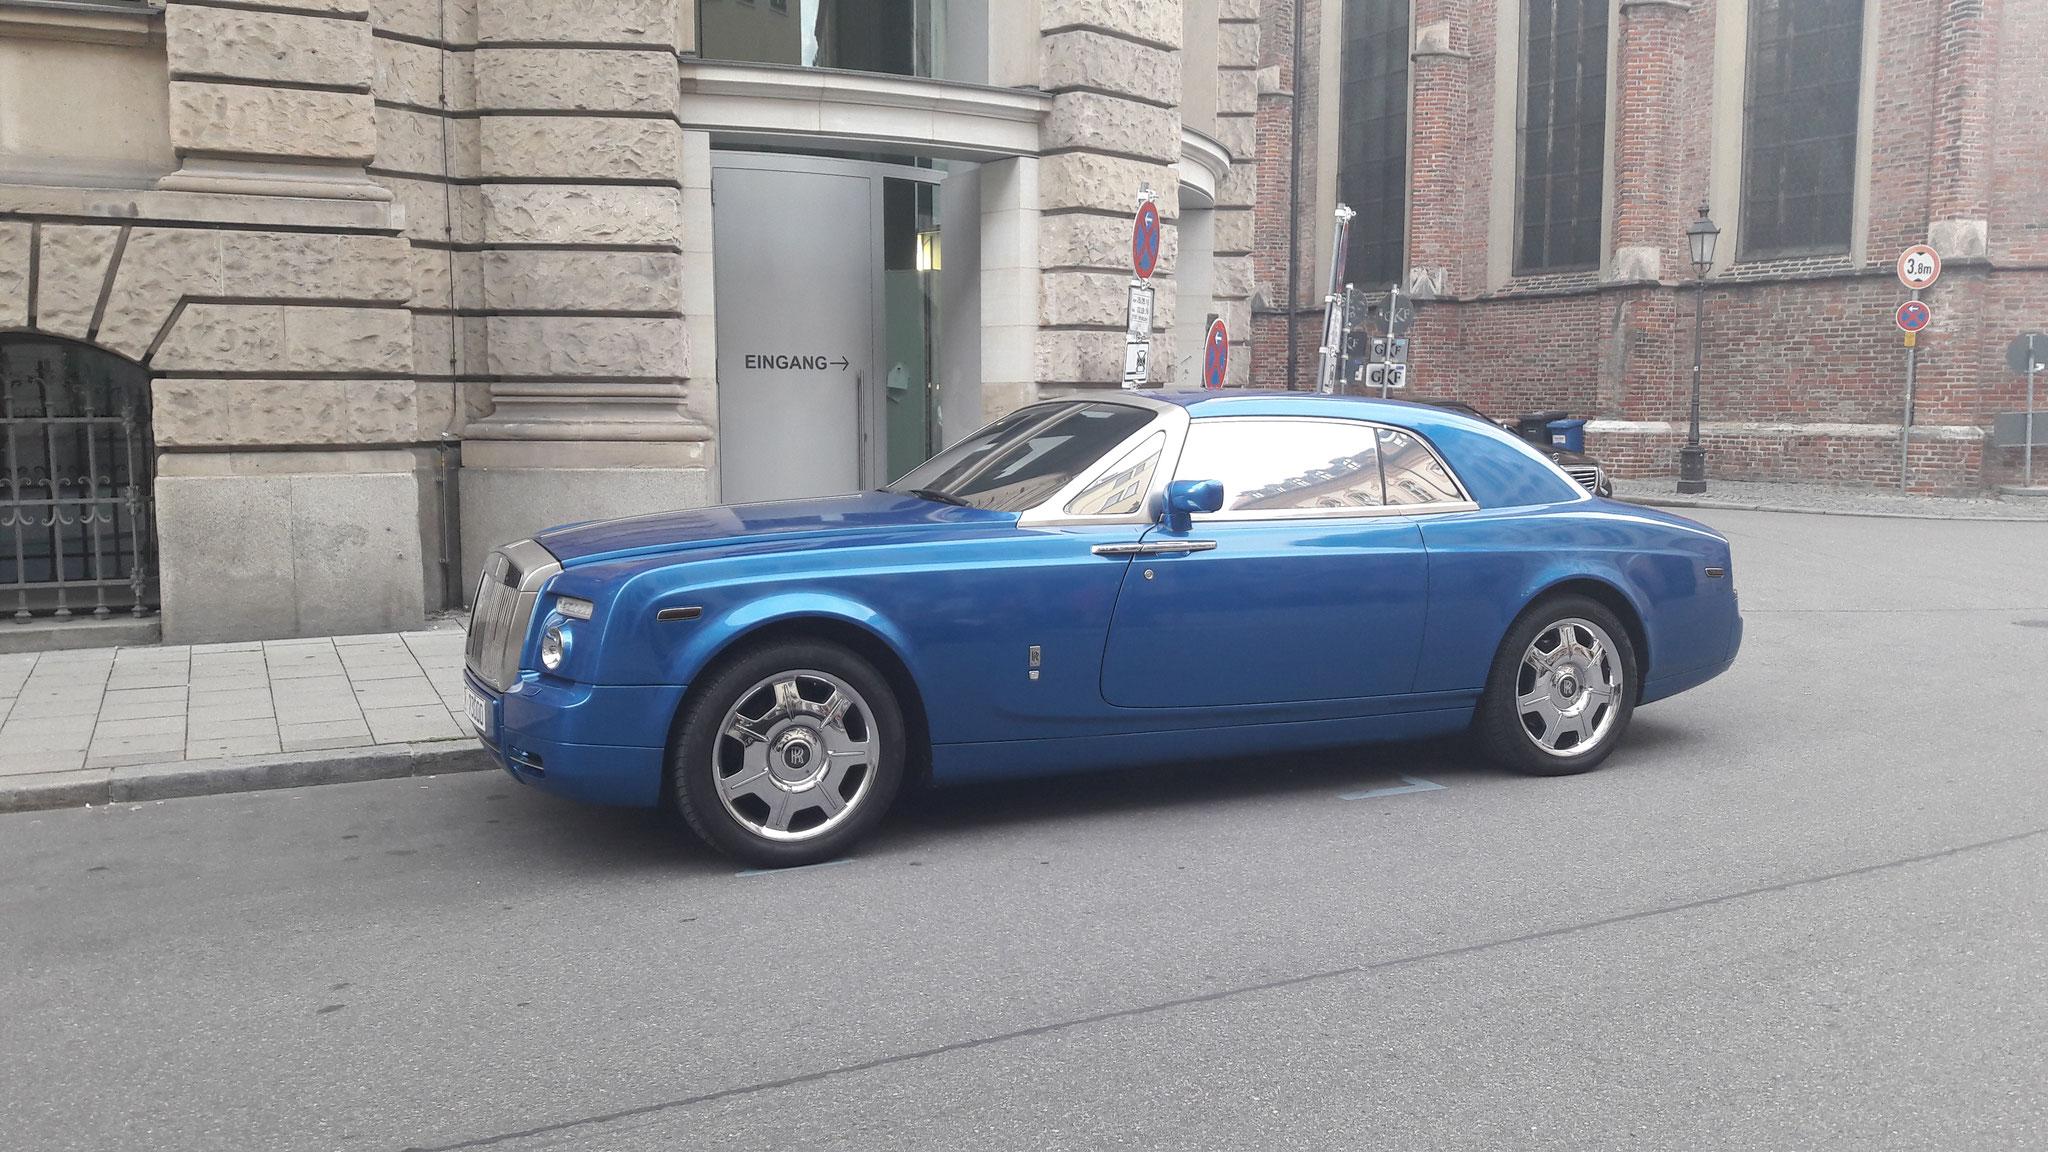 Rolls Royce Drophead Coupé - 11-73000 (AUH)